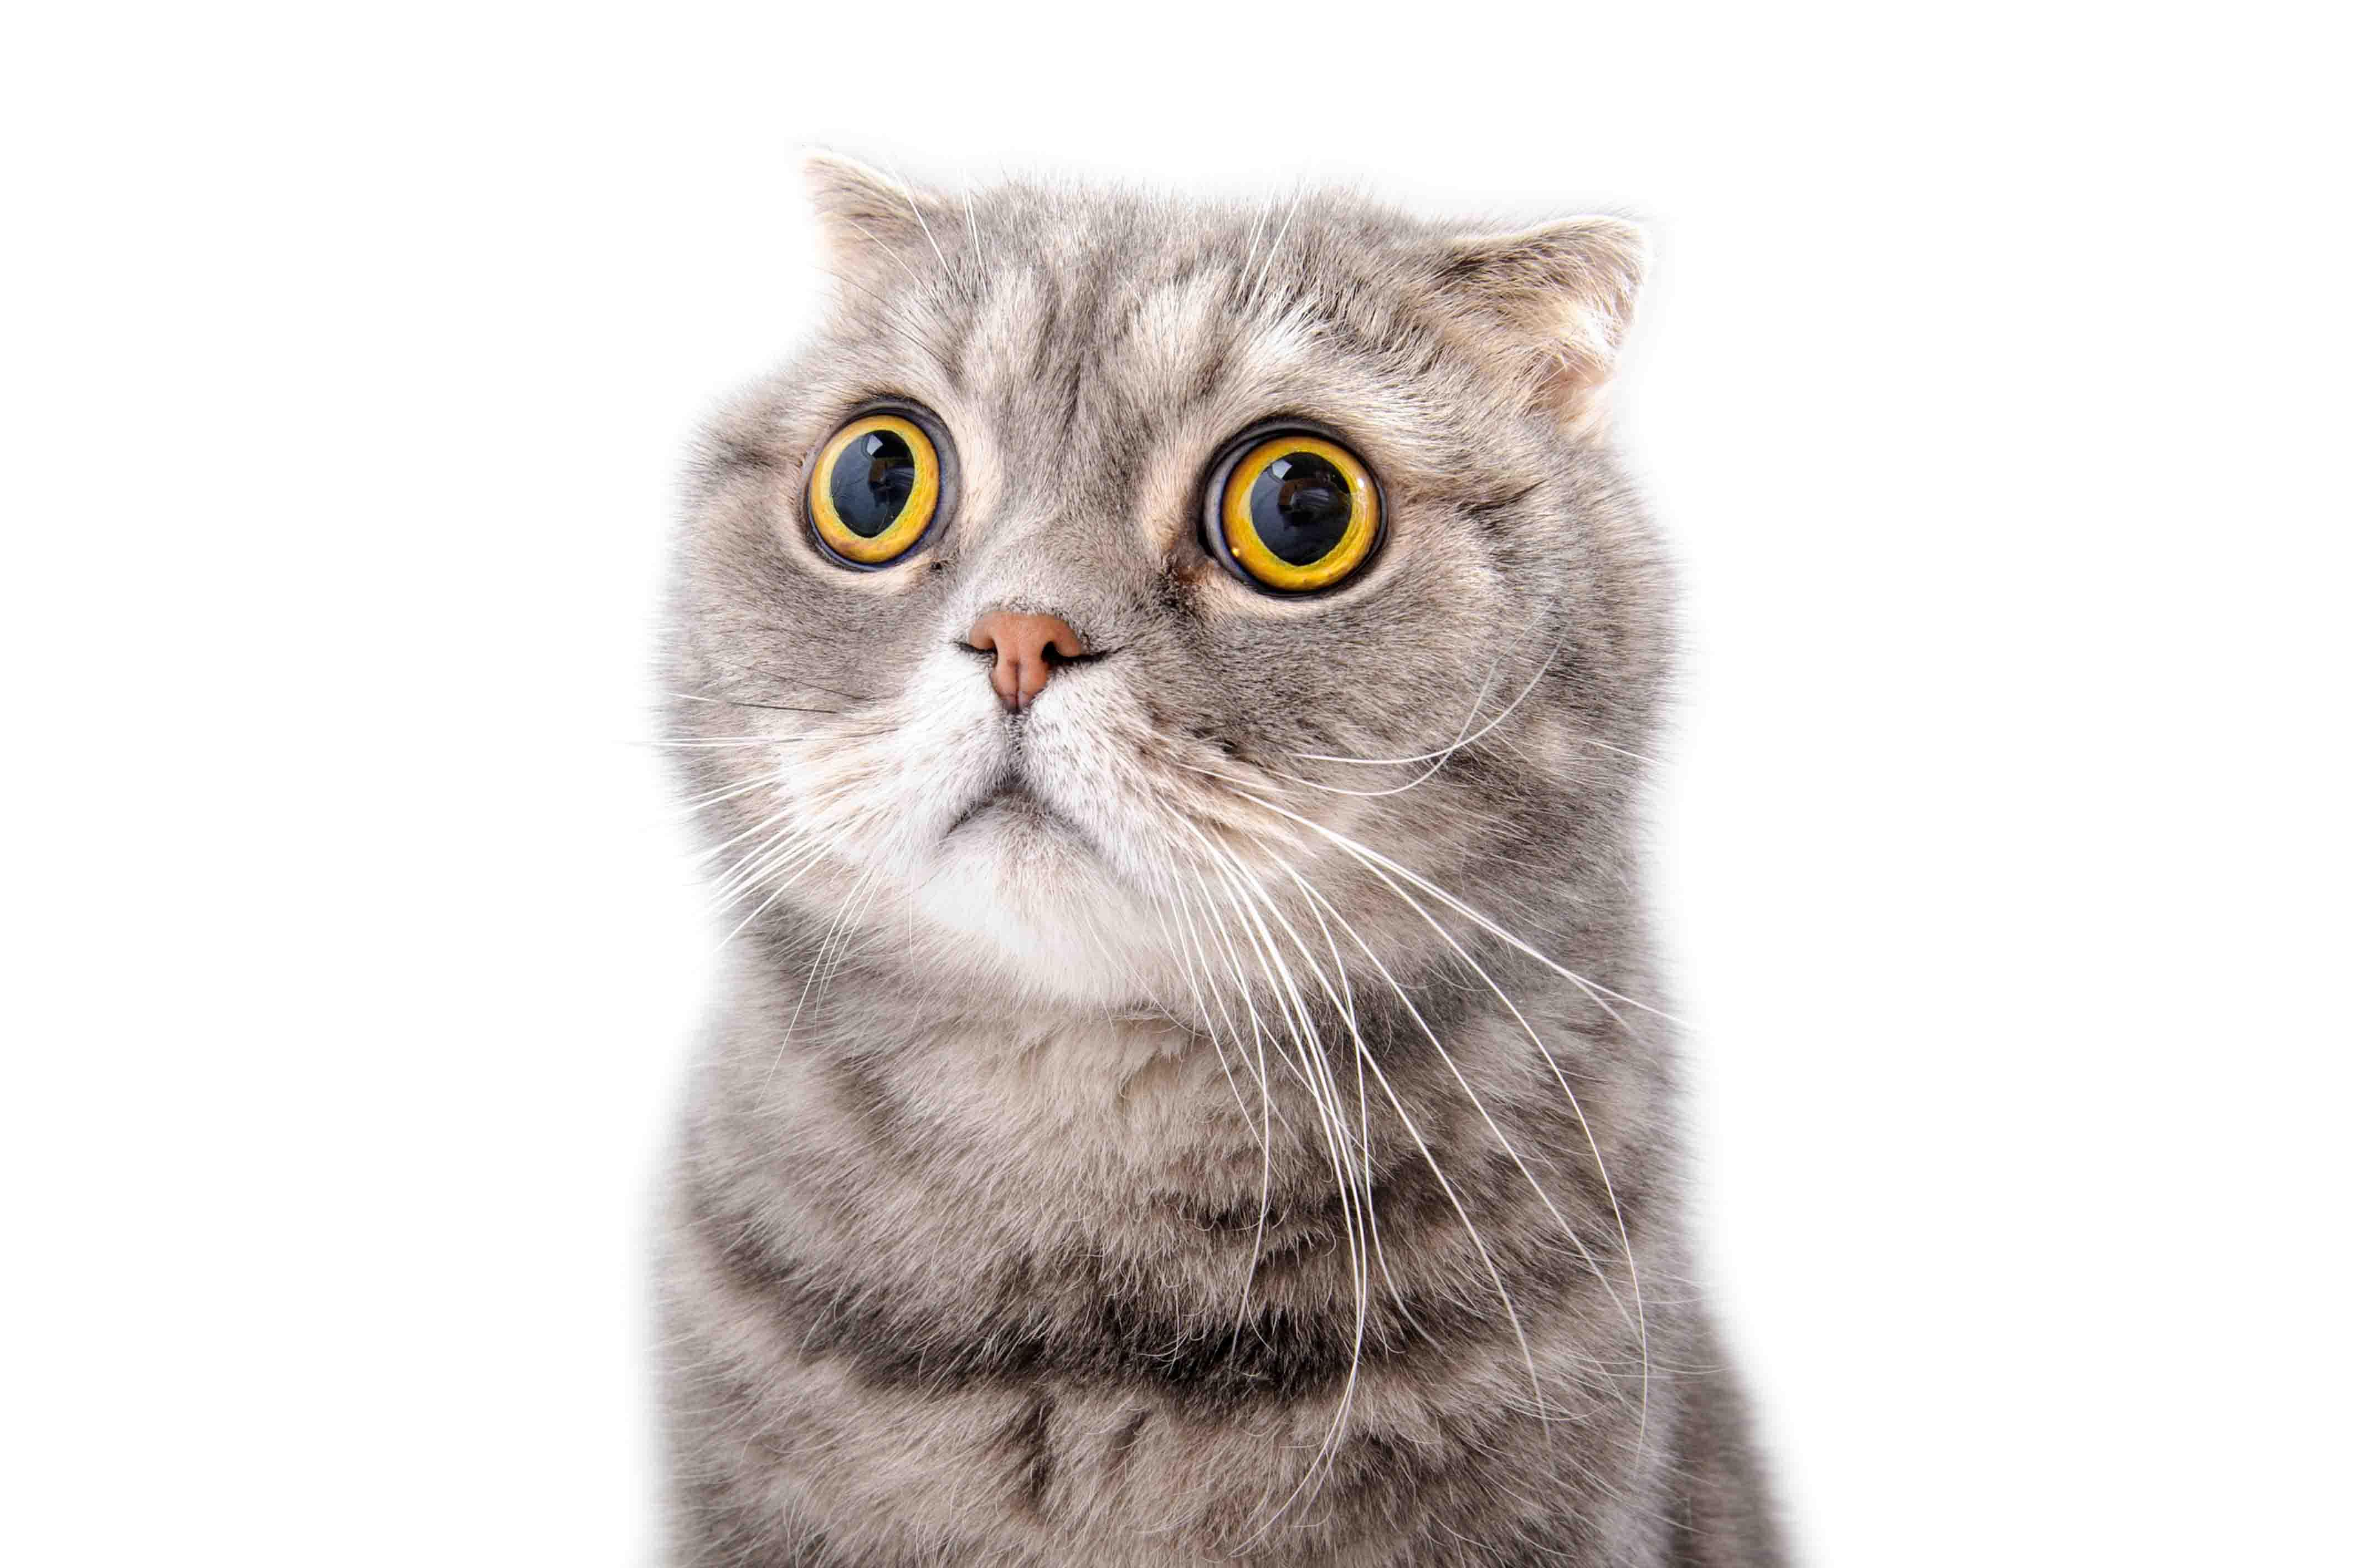 Katzenurin Entfernen Tiergerecht Katzengruch Beseitigen